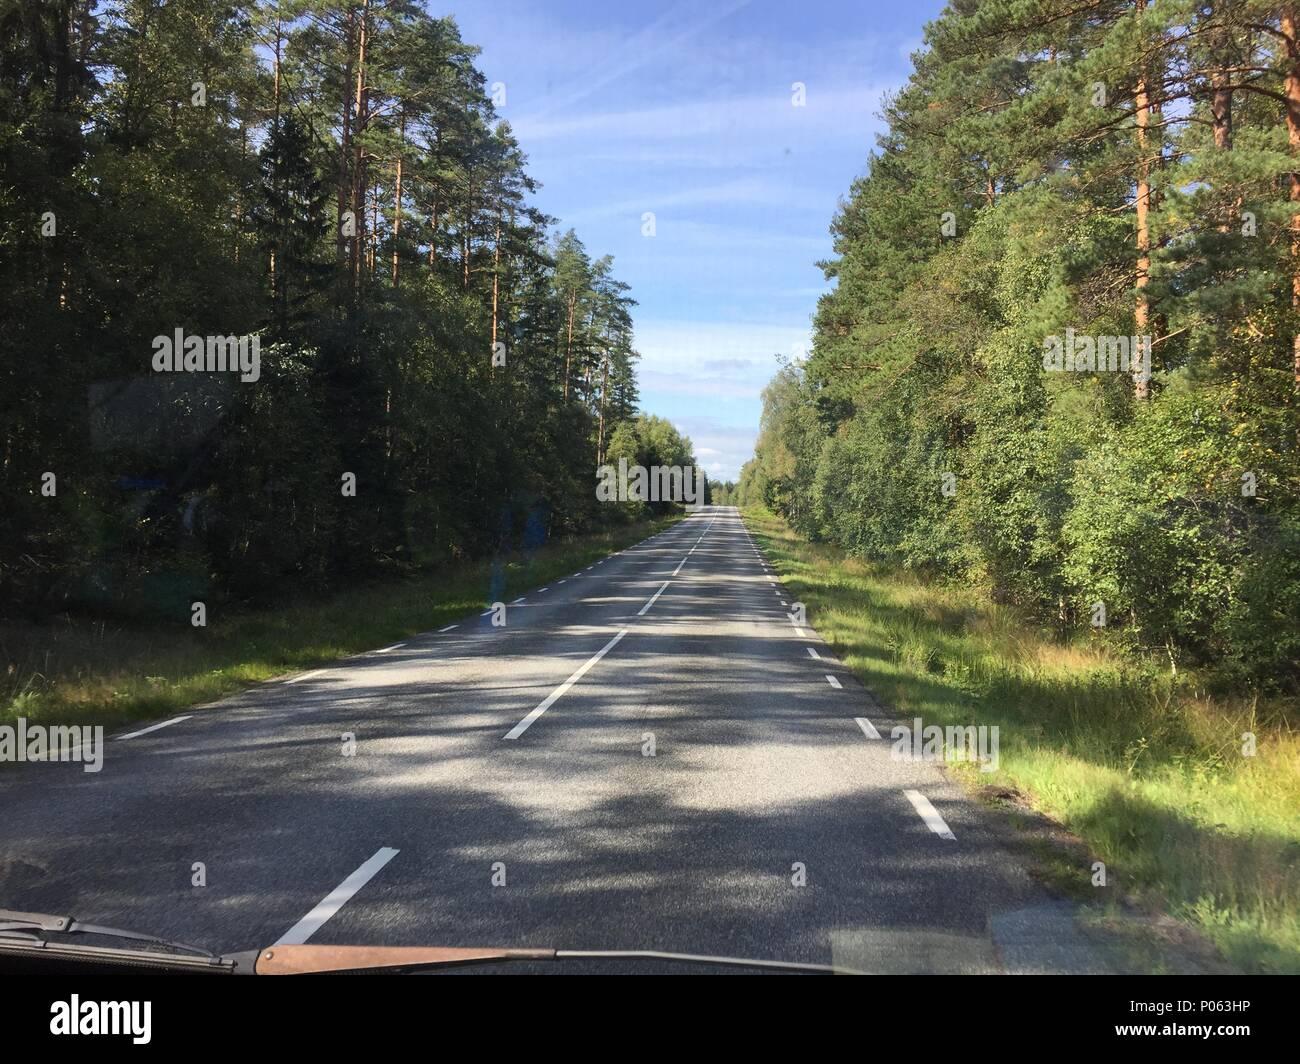 Schnurgerade Landstrasse in Schweden, Weg Reise Roadtrip Sweden - Stock Image